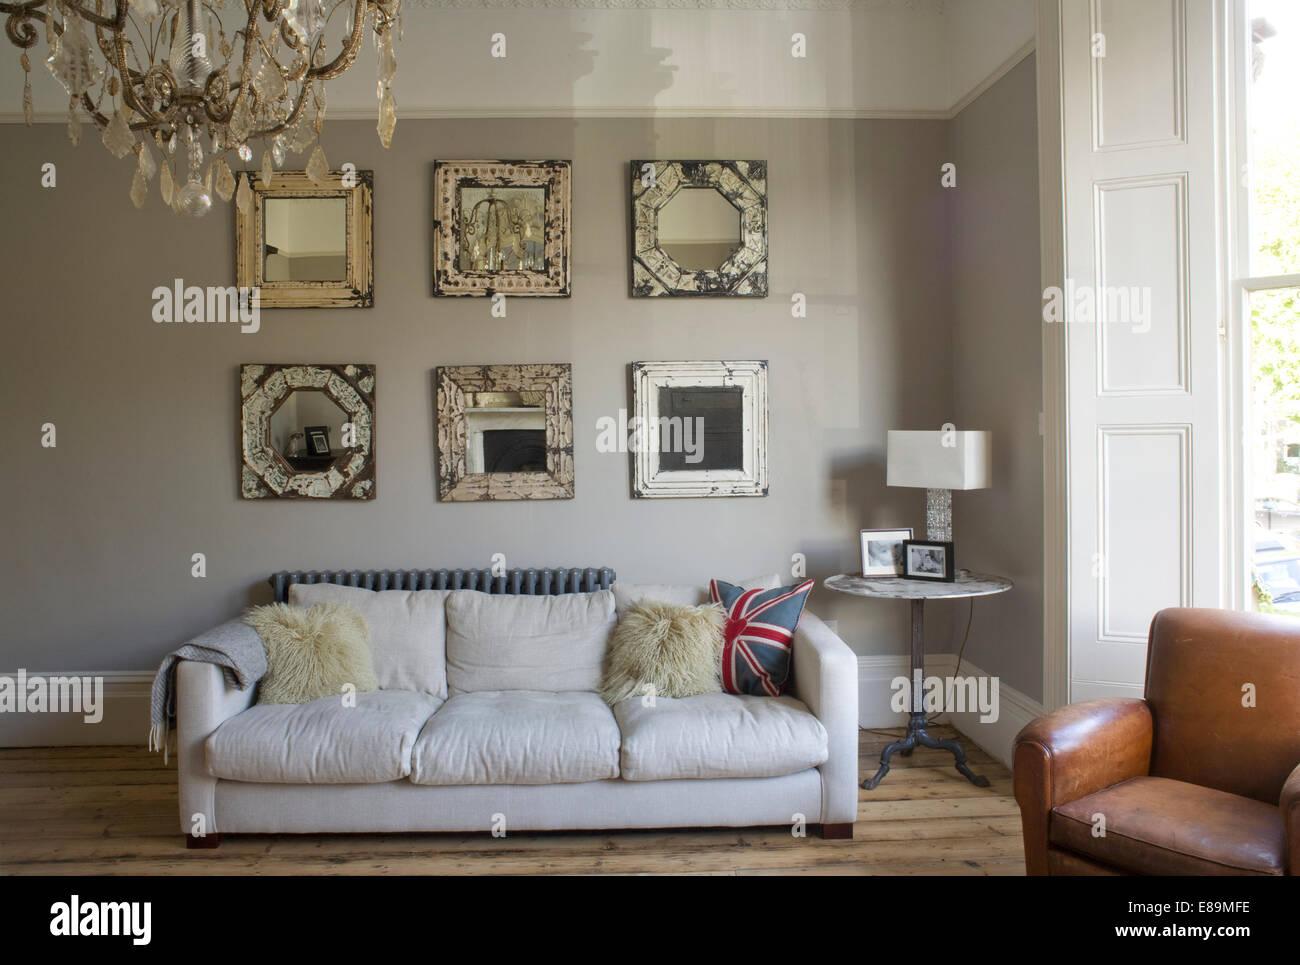 Sammlung Von Reich Verzierten Spiegel über Dem Weißen Sofa Im Wohnzimmer  Weiße Land Stockbild